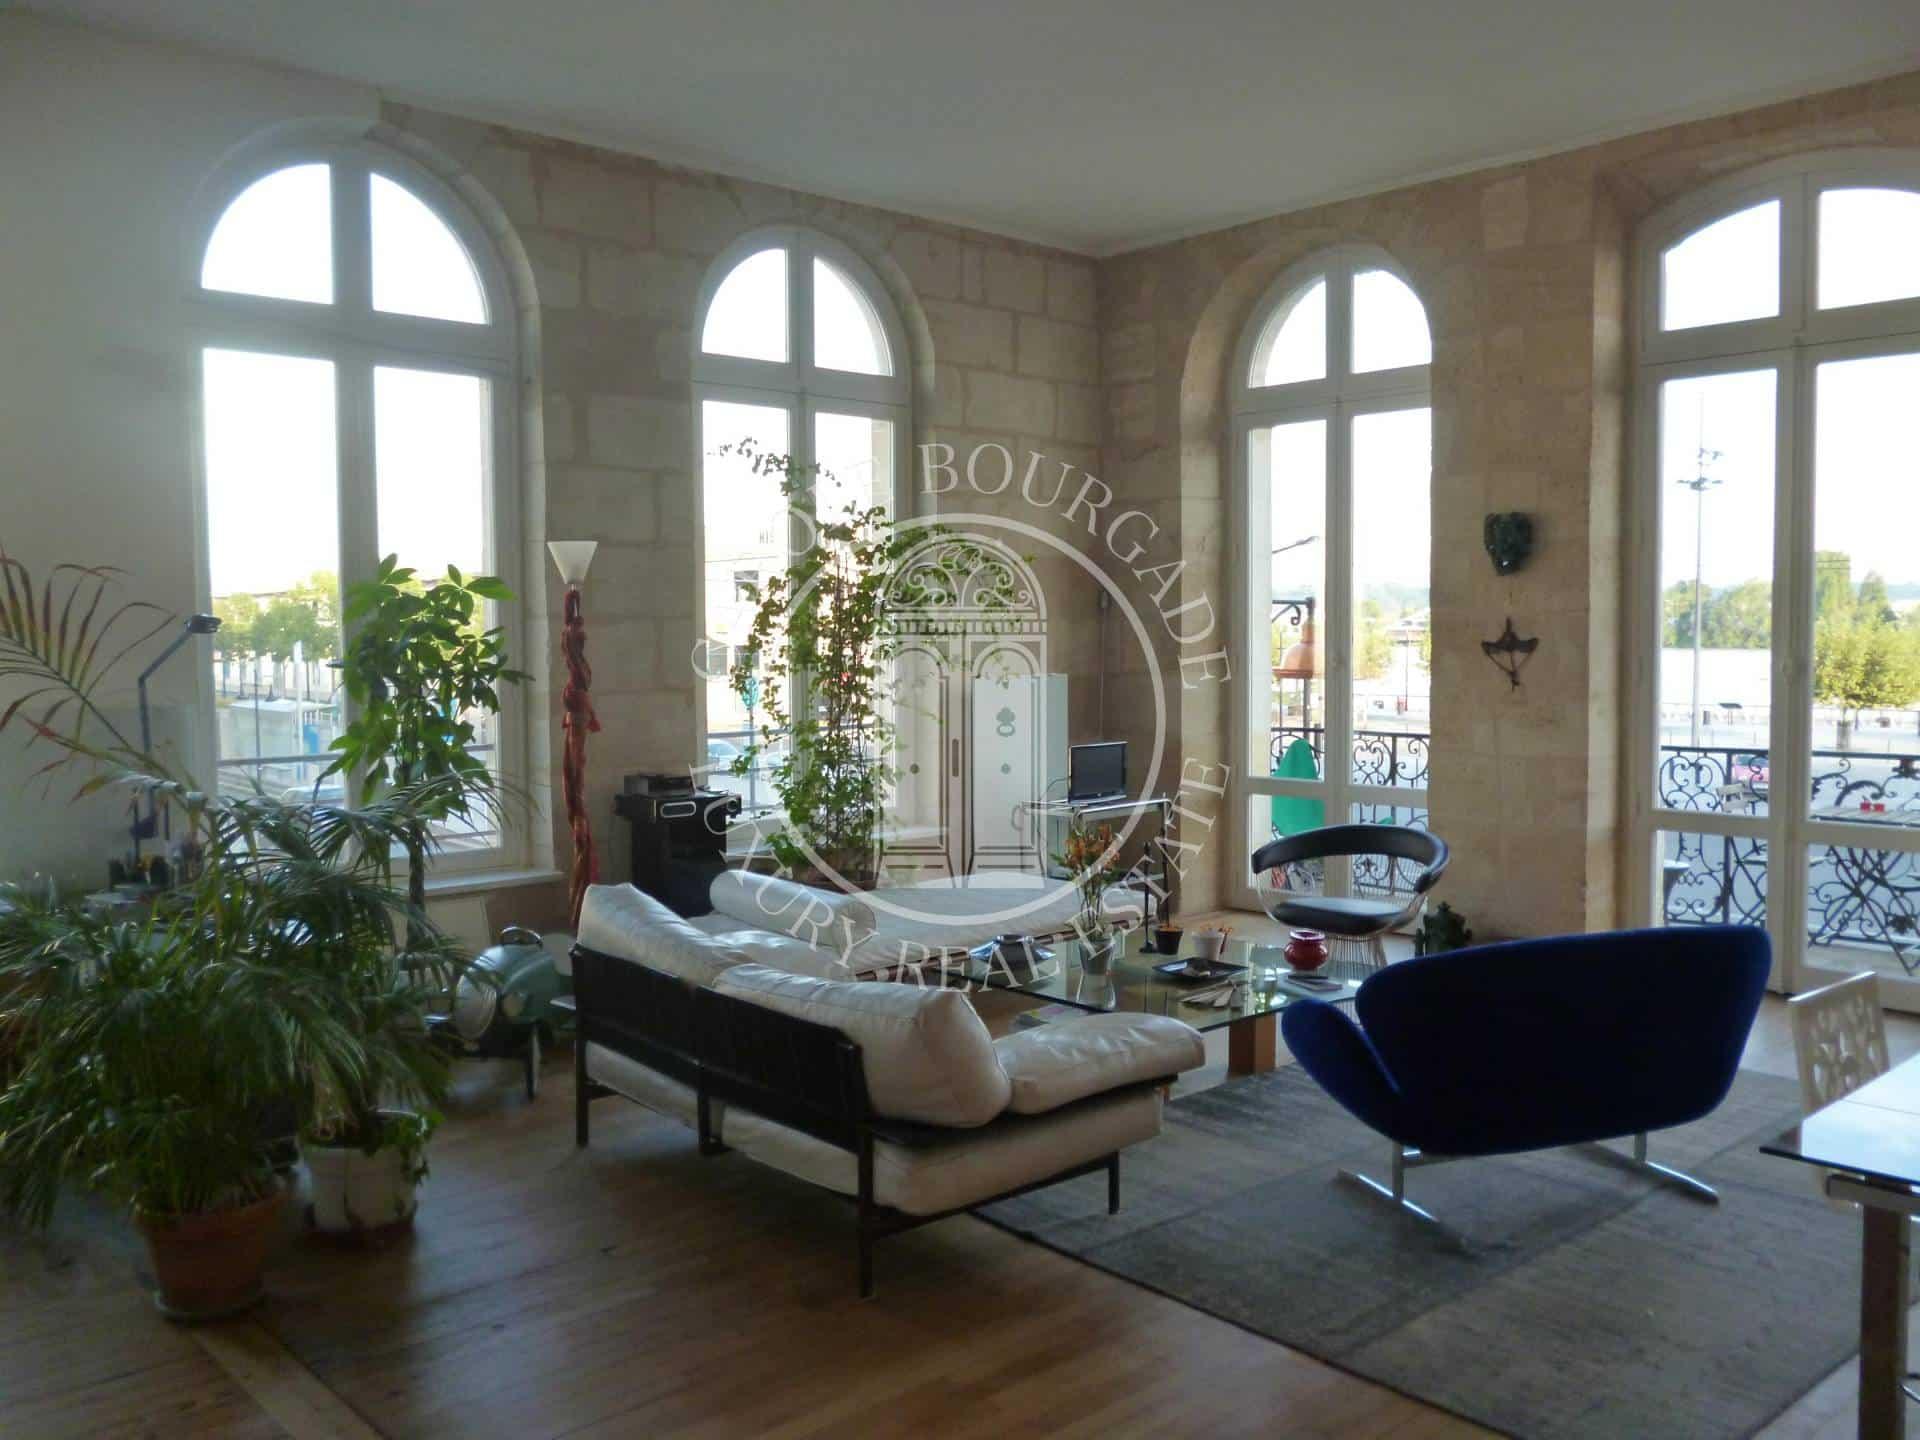 Location Maison Bordeaux Une Maison Qui Vous Pla T